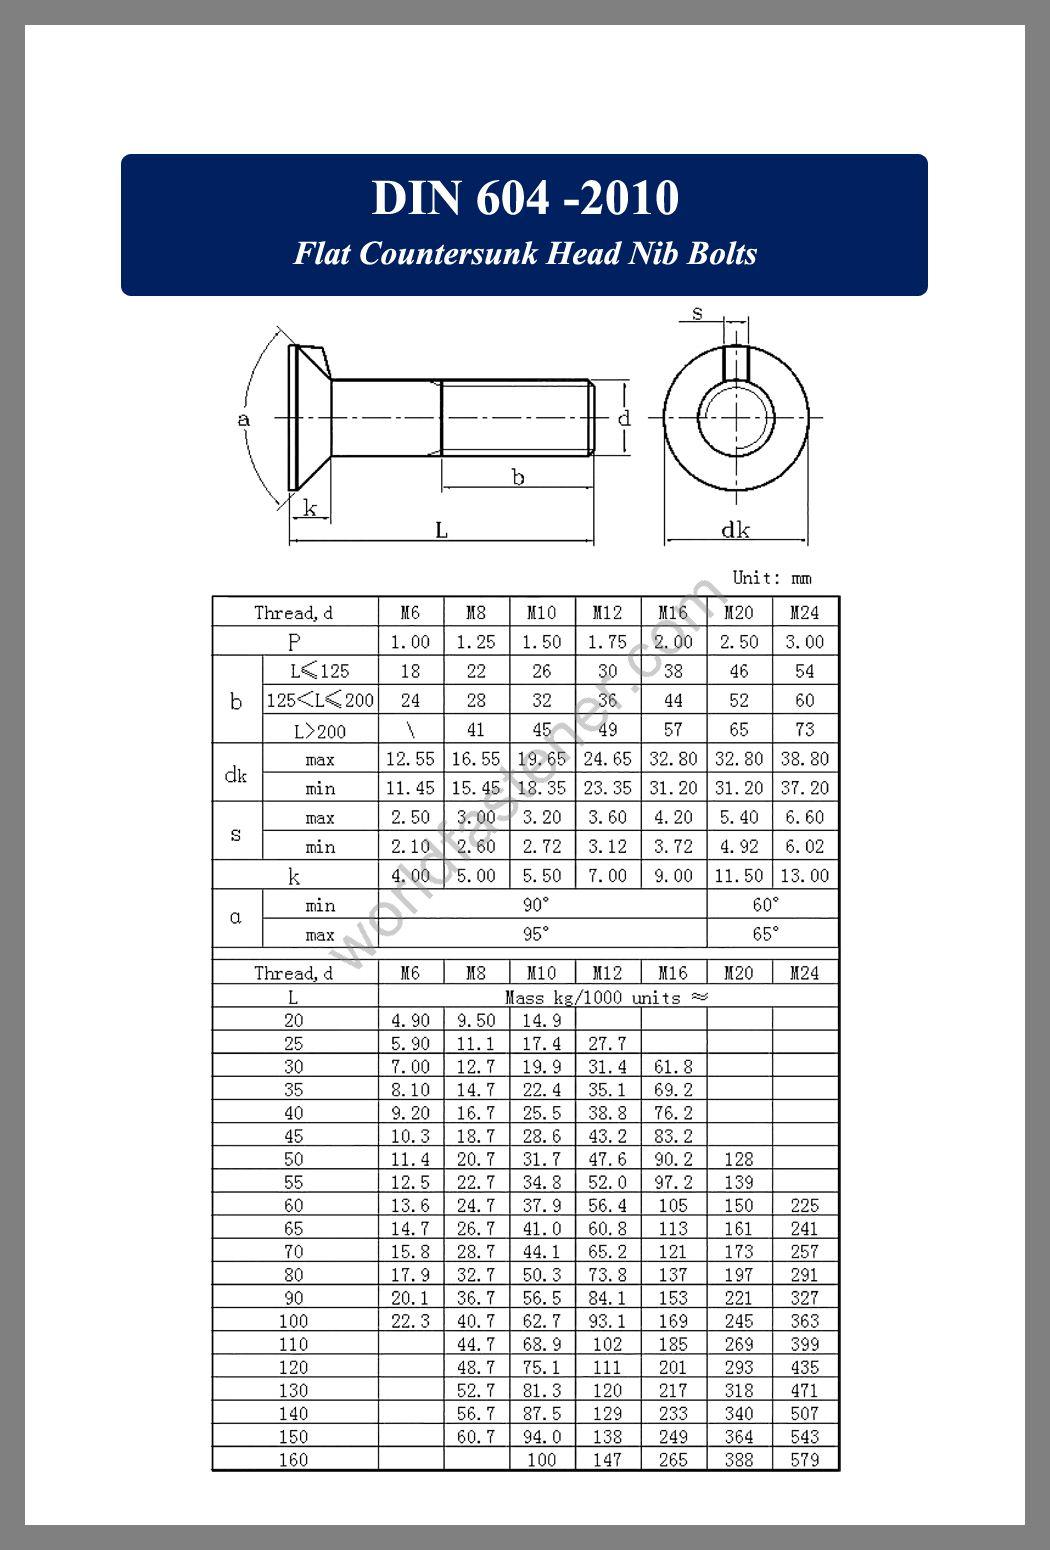 DIN 604 Flat Countersunk Head Nib Bolts, Countersunk Head Bolts, Countersunk Head Screws, fastener, screw, bolt, din standard bolts, din standard screws